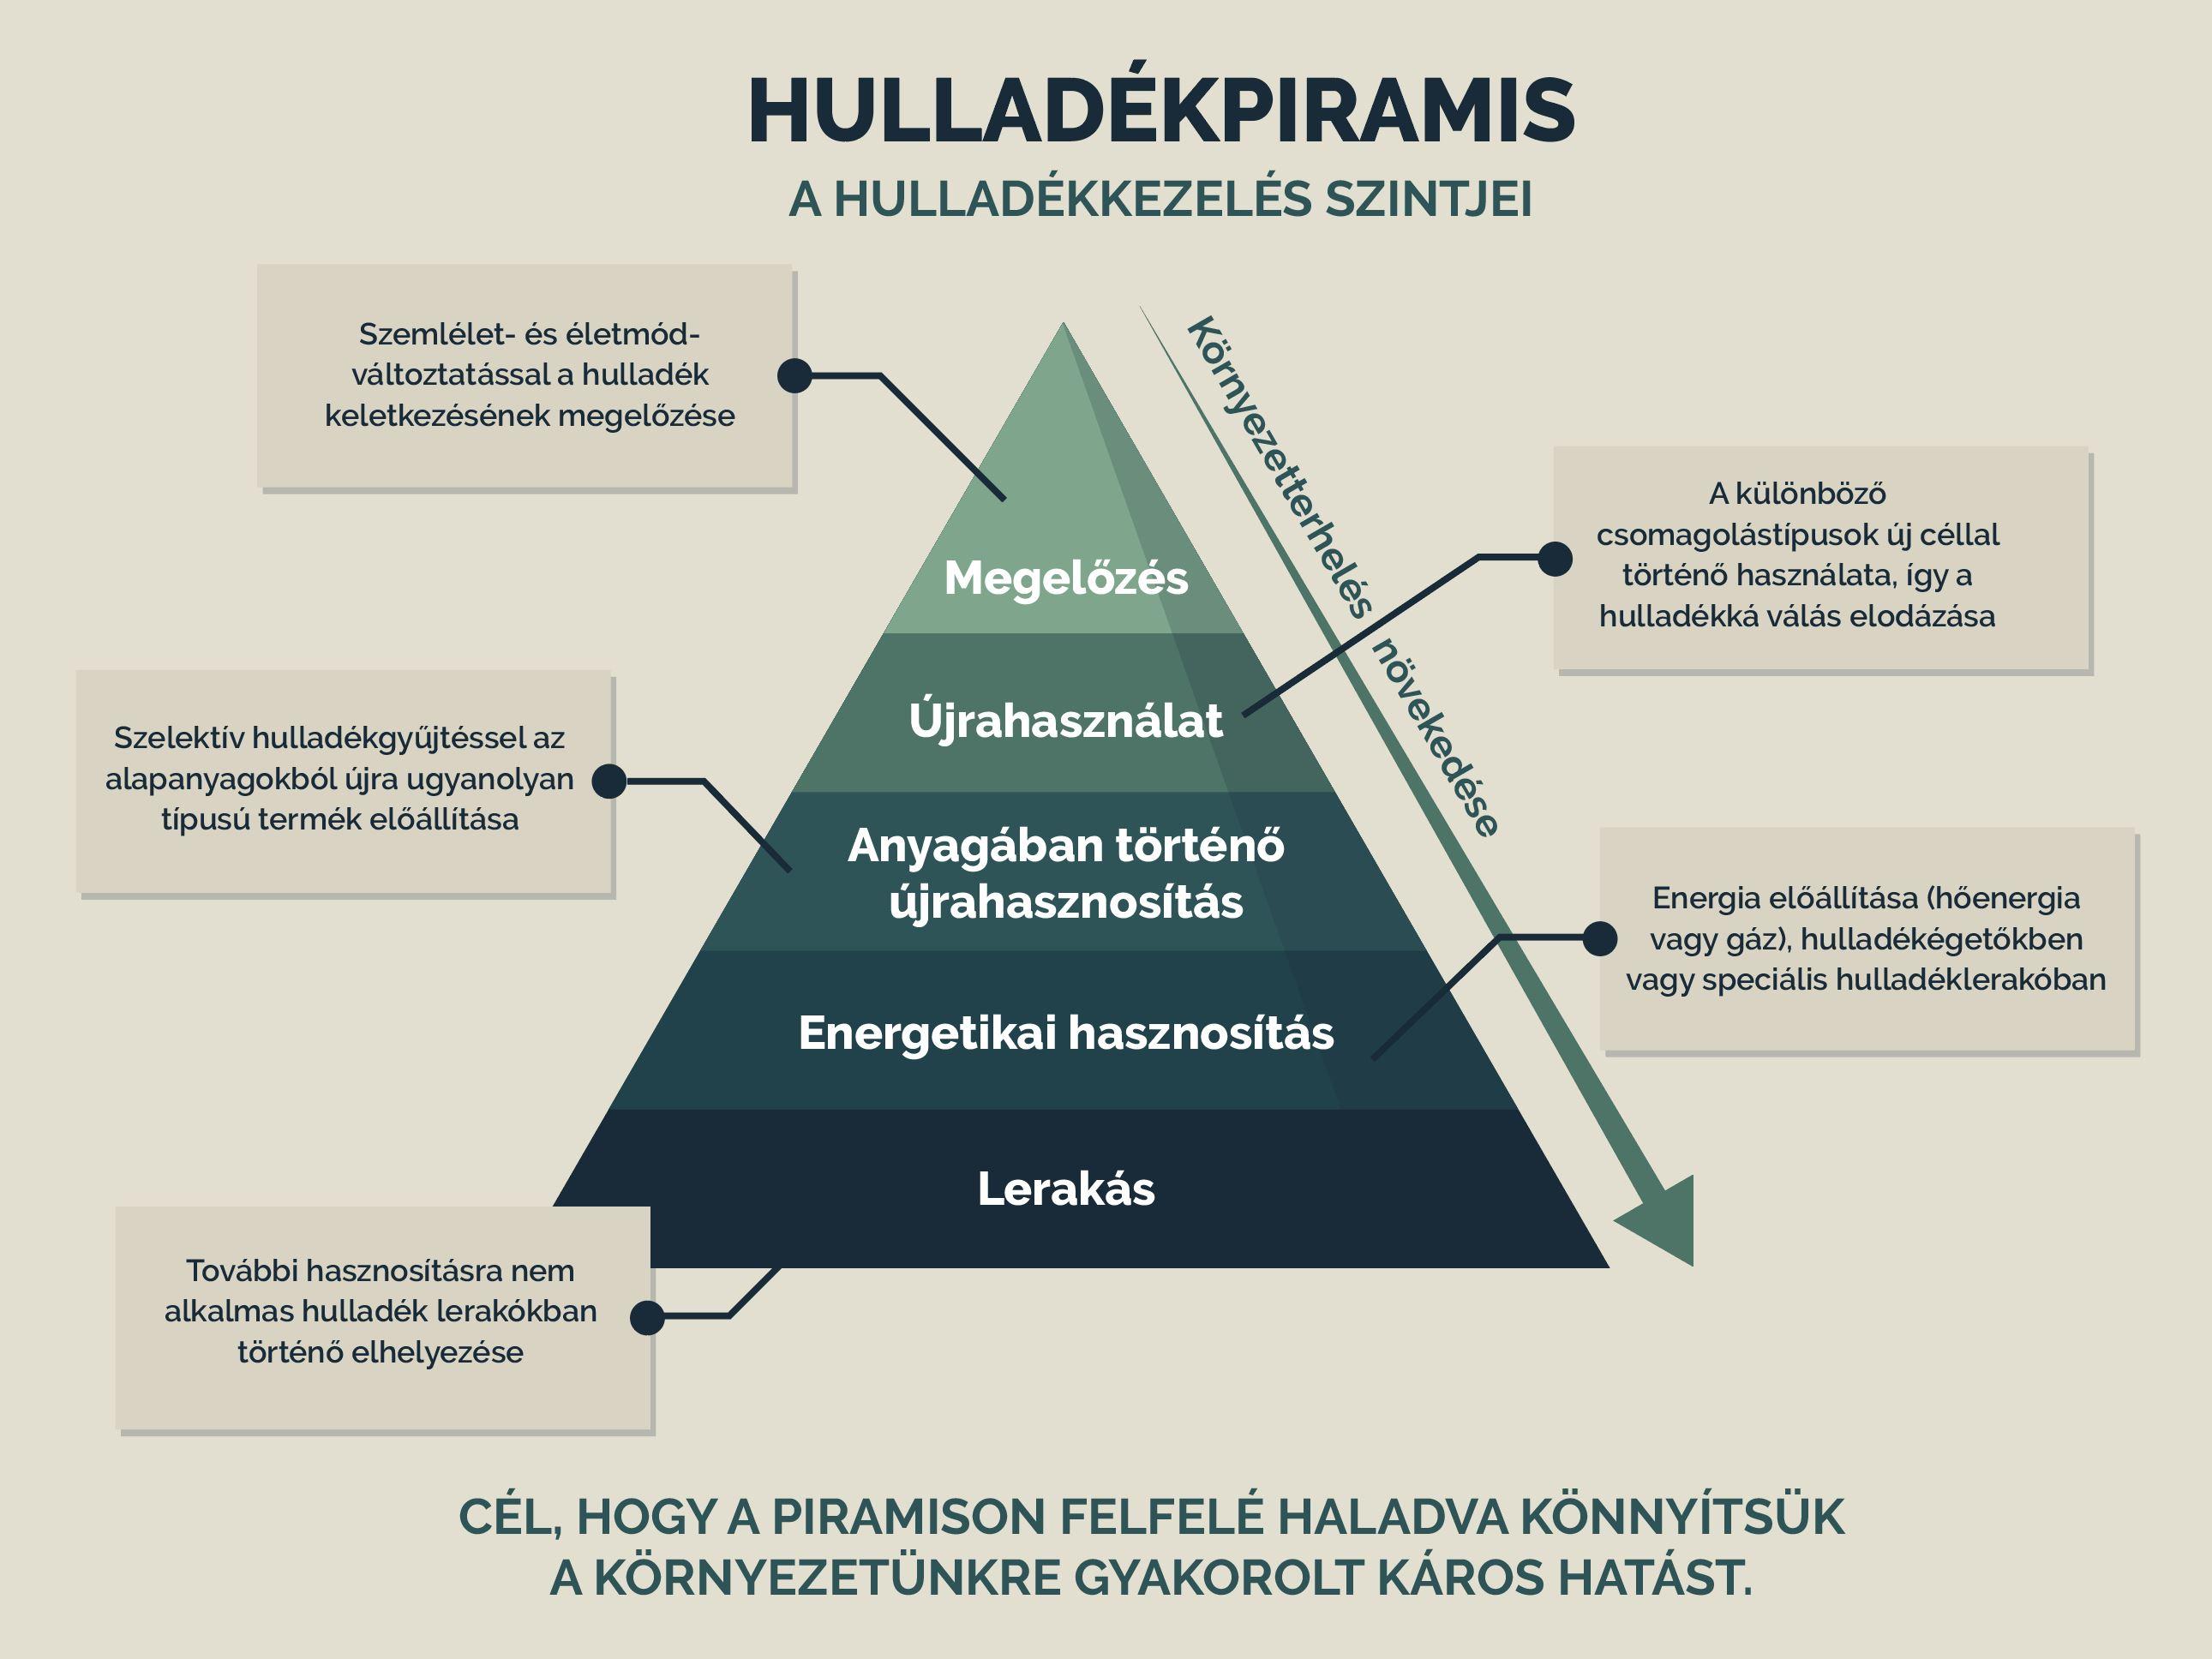 Korkorosgazdasag_infografika_hulladekpiramis